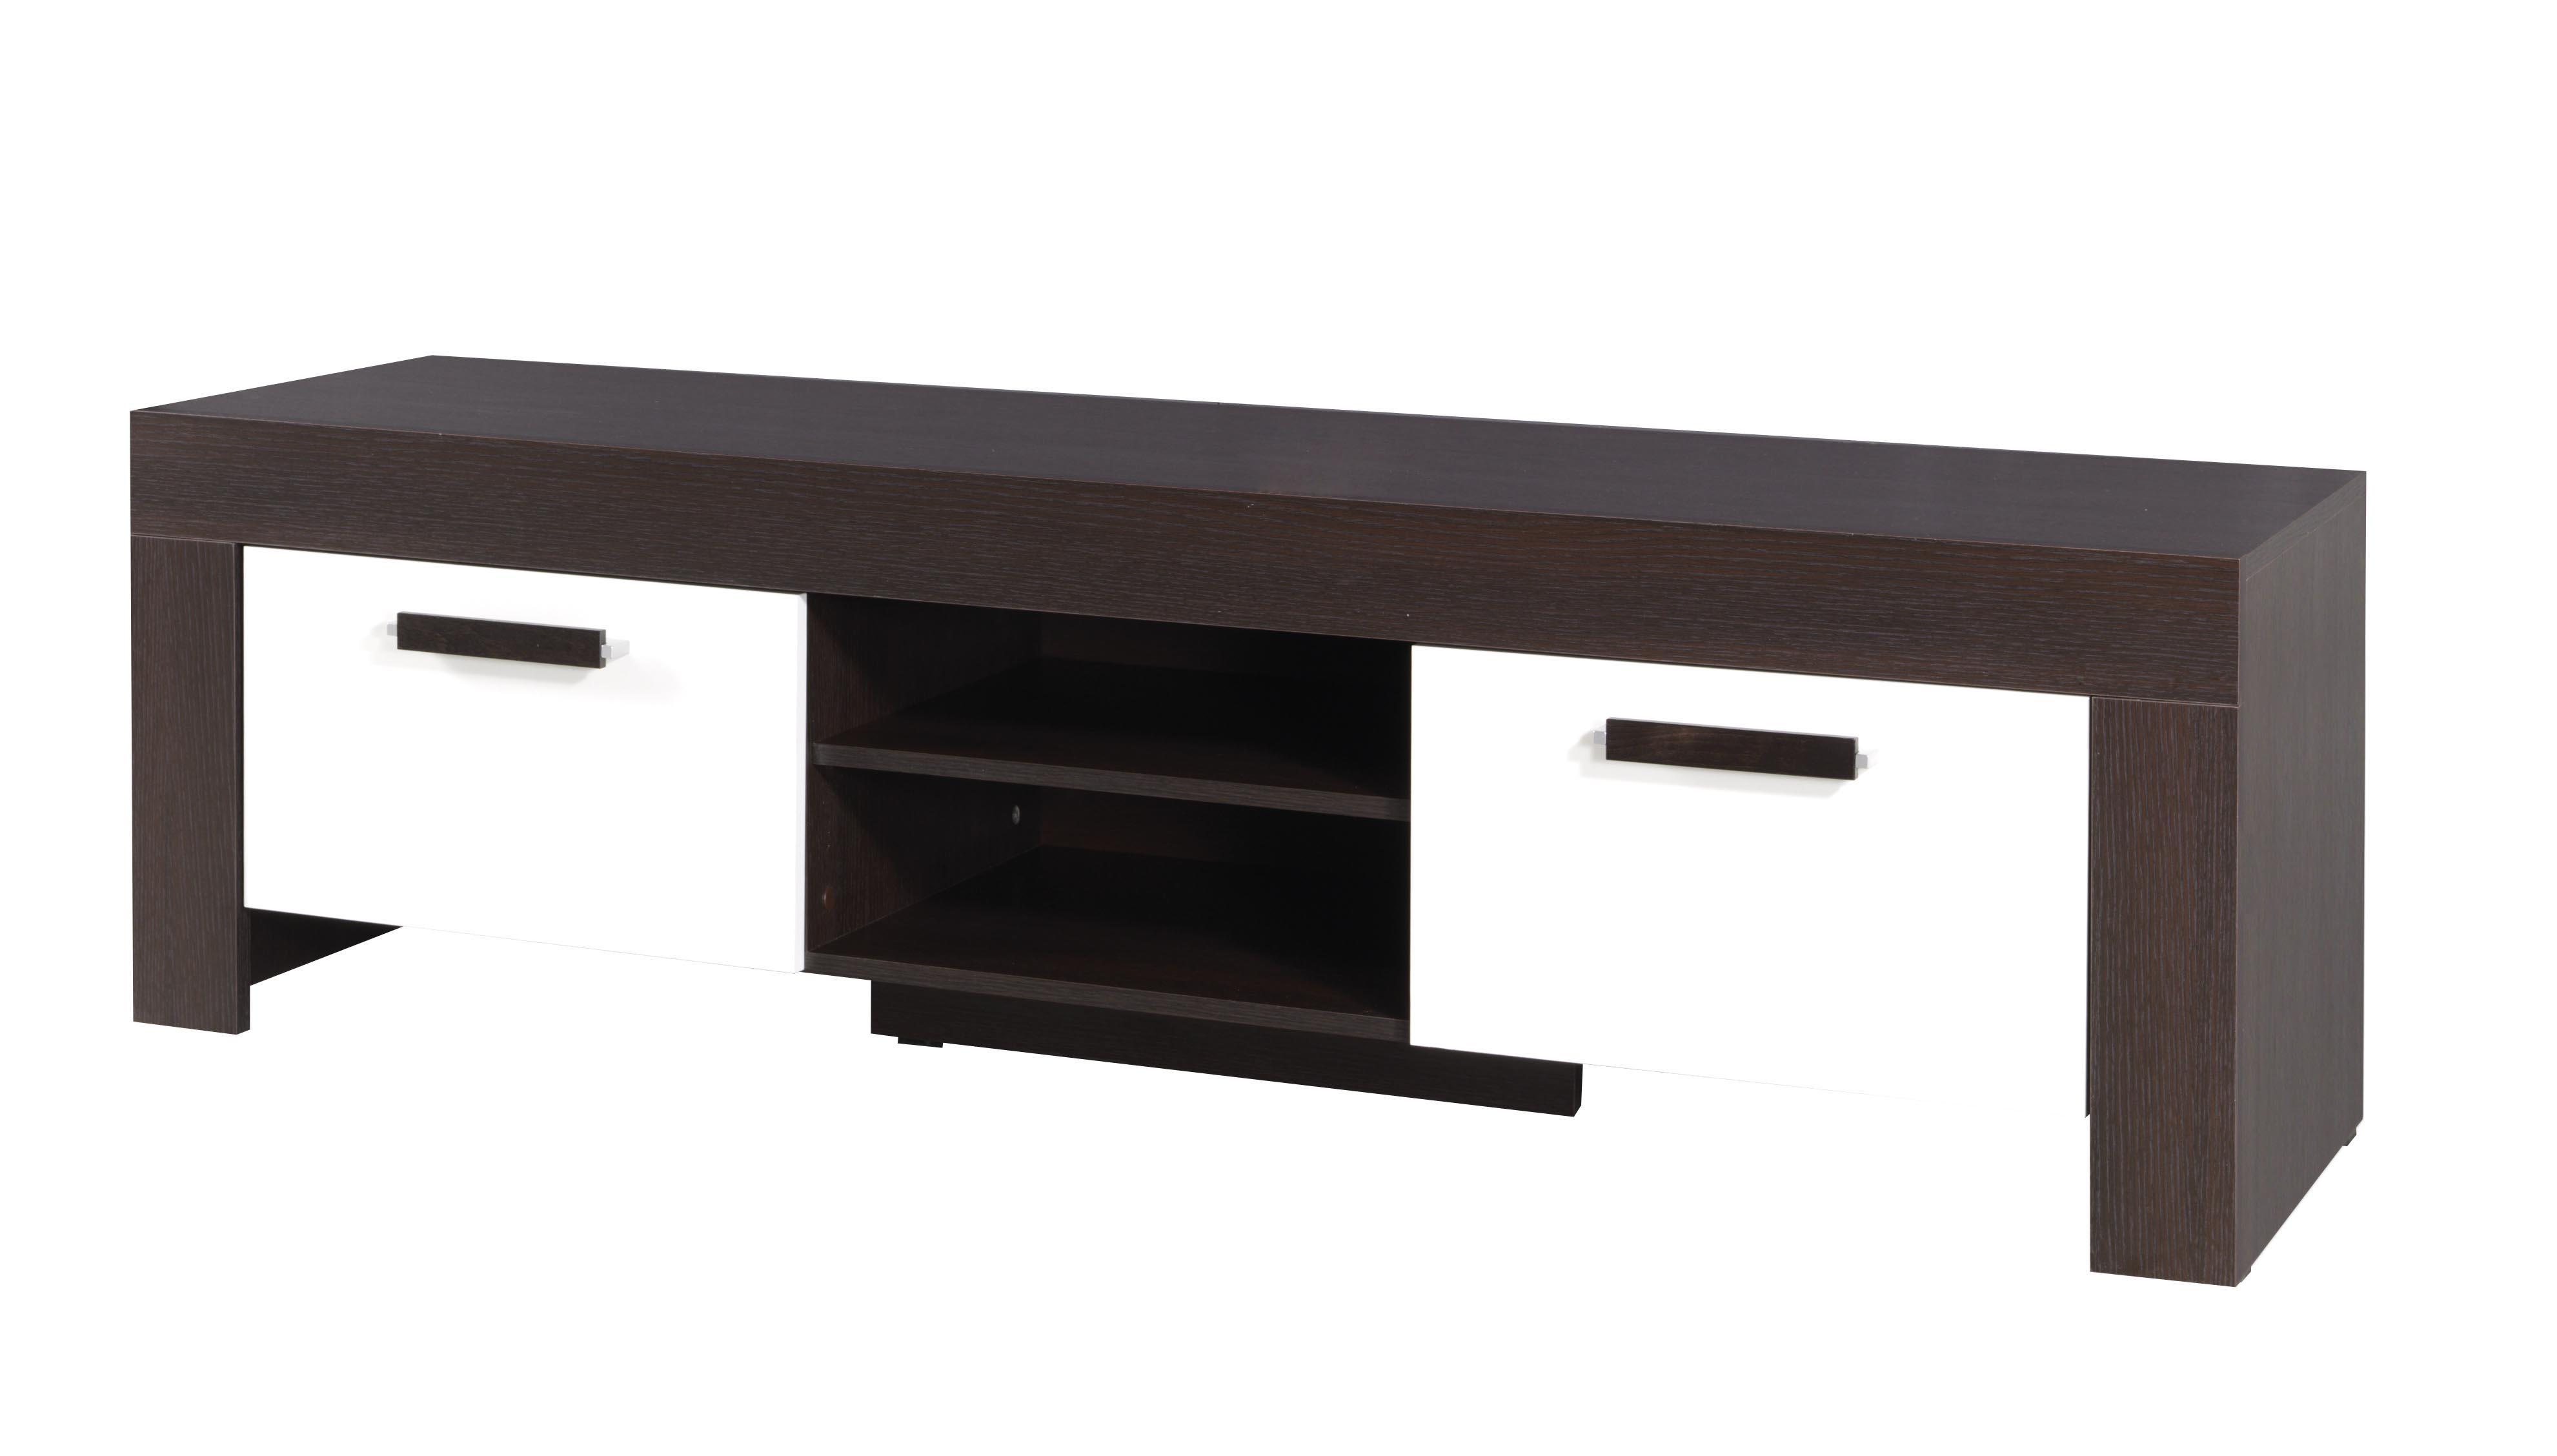 TV stolík/skrinka - Camber - C14 (milano + krémová). Akcia -25%. Vlastná spoľahlivá doprava až k Vám domov.